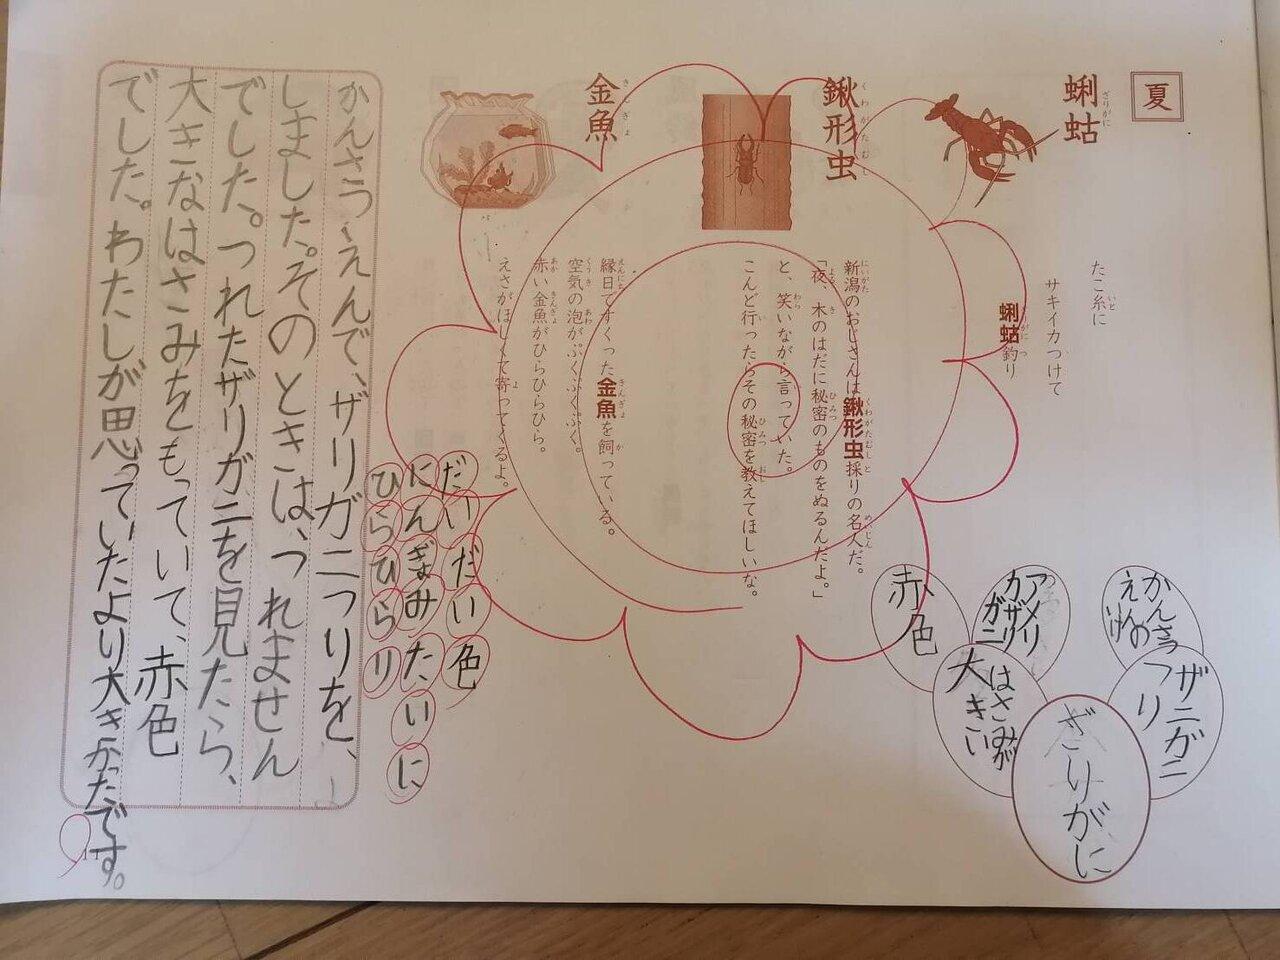 右端の「サボテン作文」メモをもとにした1年生の作文